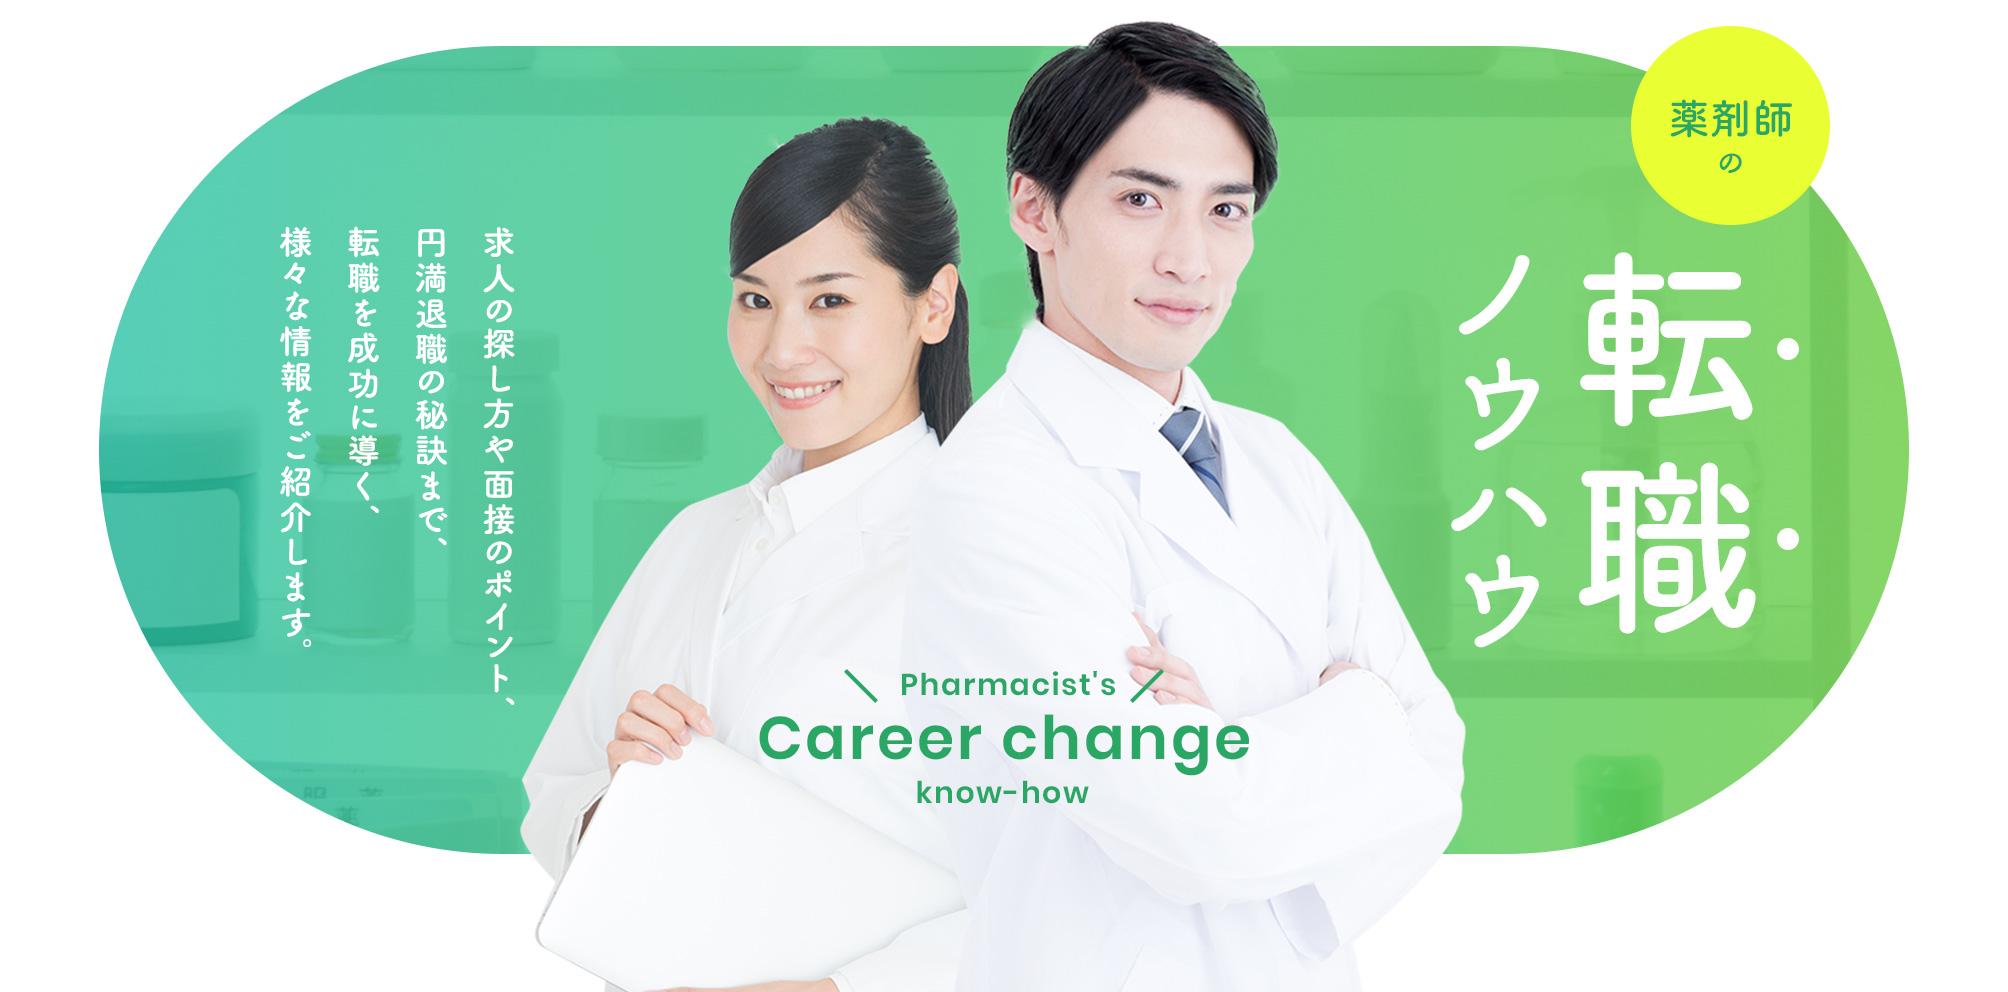 薬剤師の転職ノウハウ - 求人の探し方や面接のポイント、円満退職の秘訣まで、転職を成功に導く、様々な情報をご紹介します。 - Pharmacist's Career change know-how